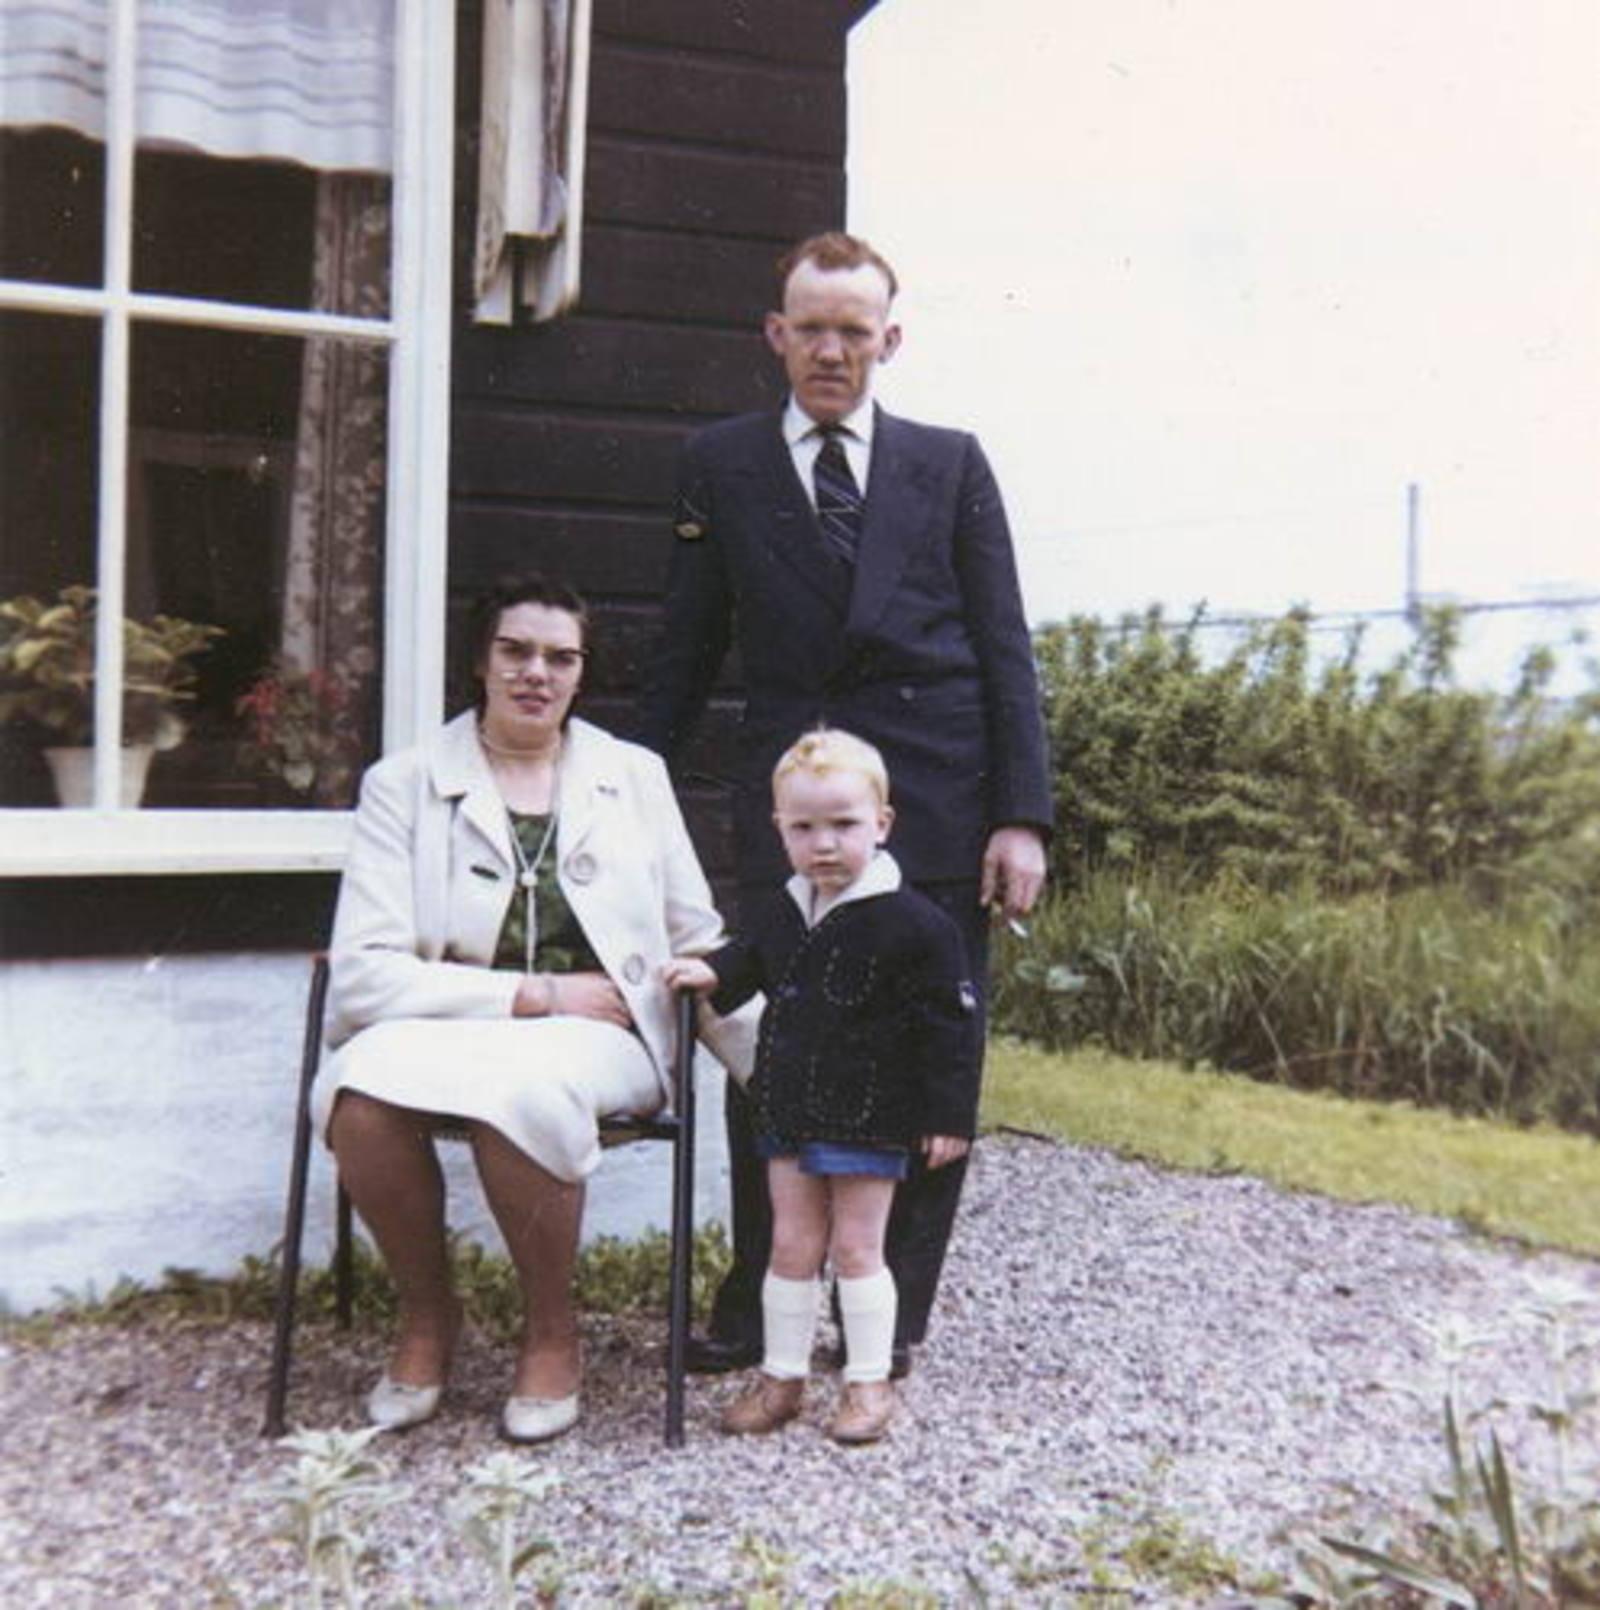 09 Wies Jan 1961± Gezin bij Huis Opoe Wies